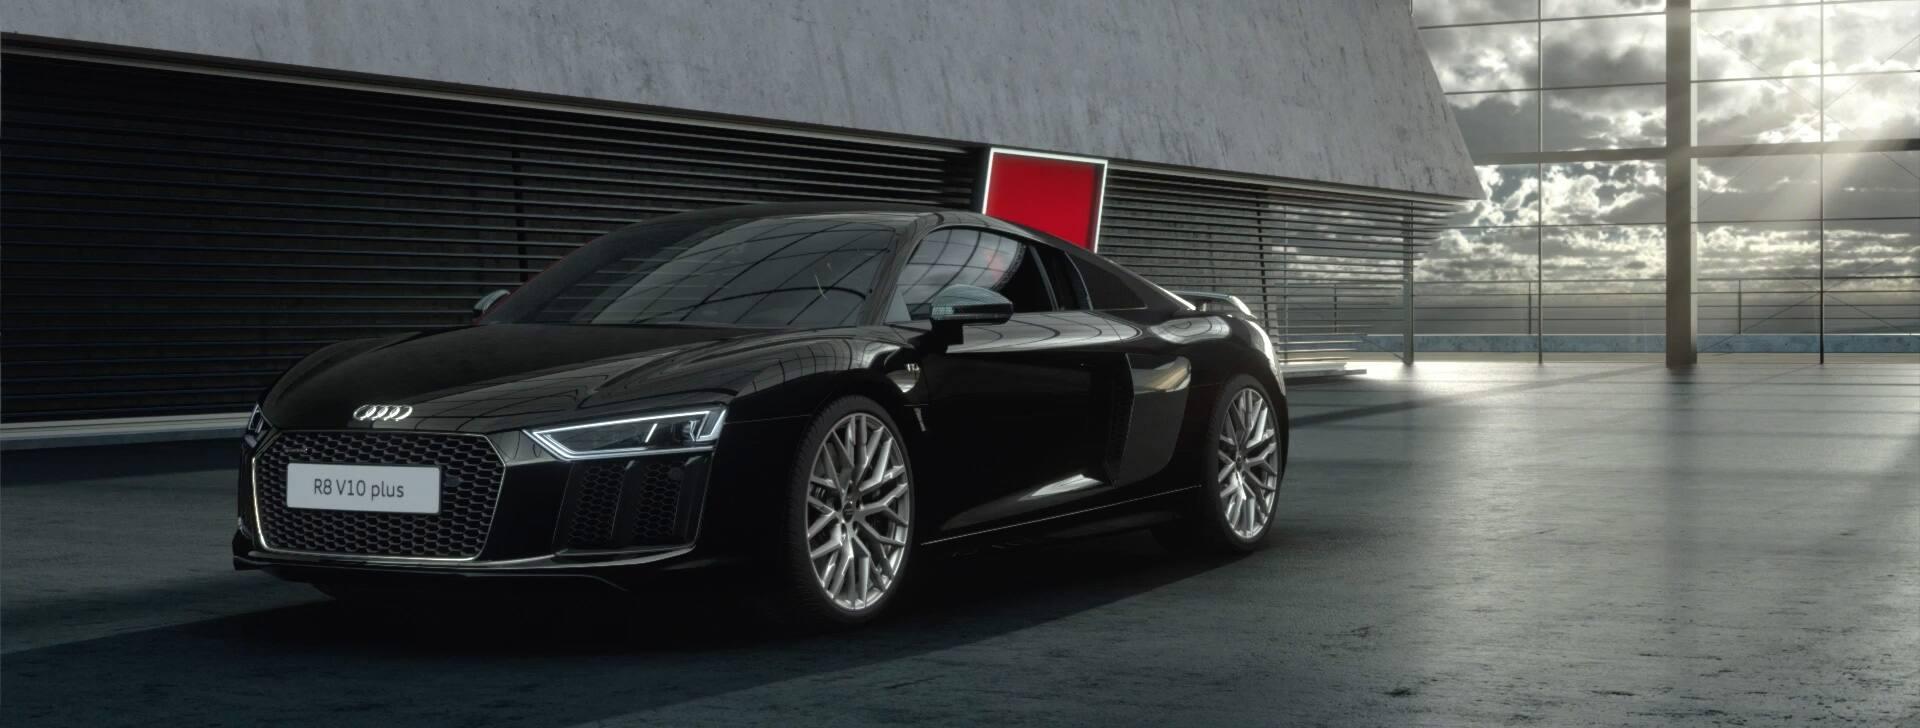 R Coupé R Audi Singapore - R8 audi